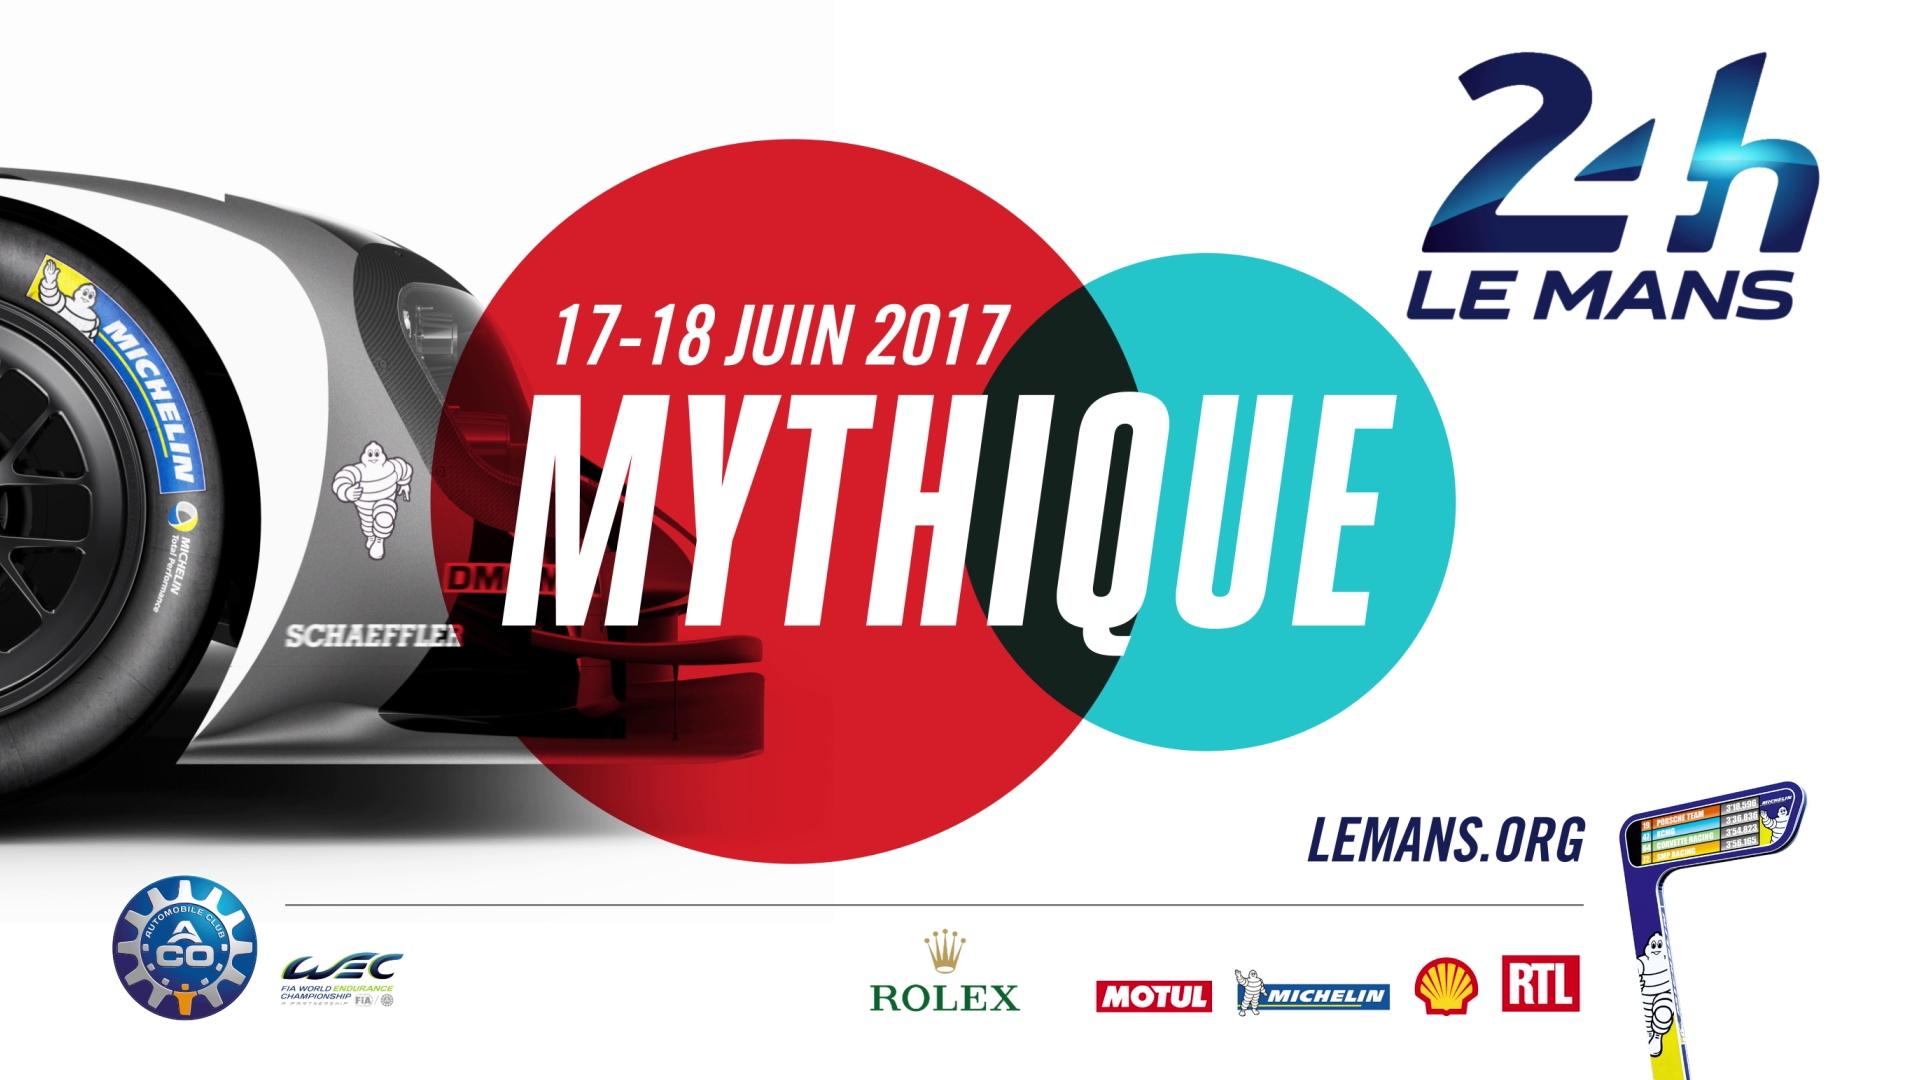 Les 24 Heures du Mans 2017 - poster